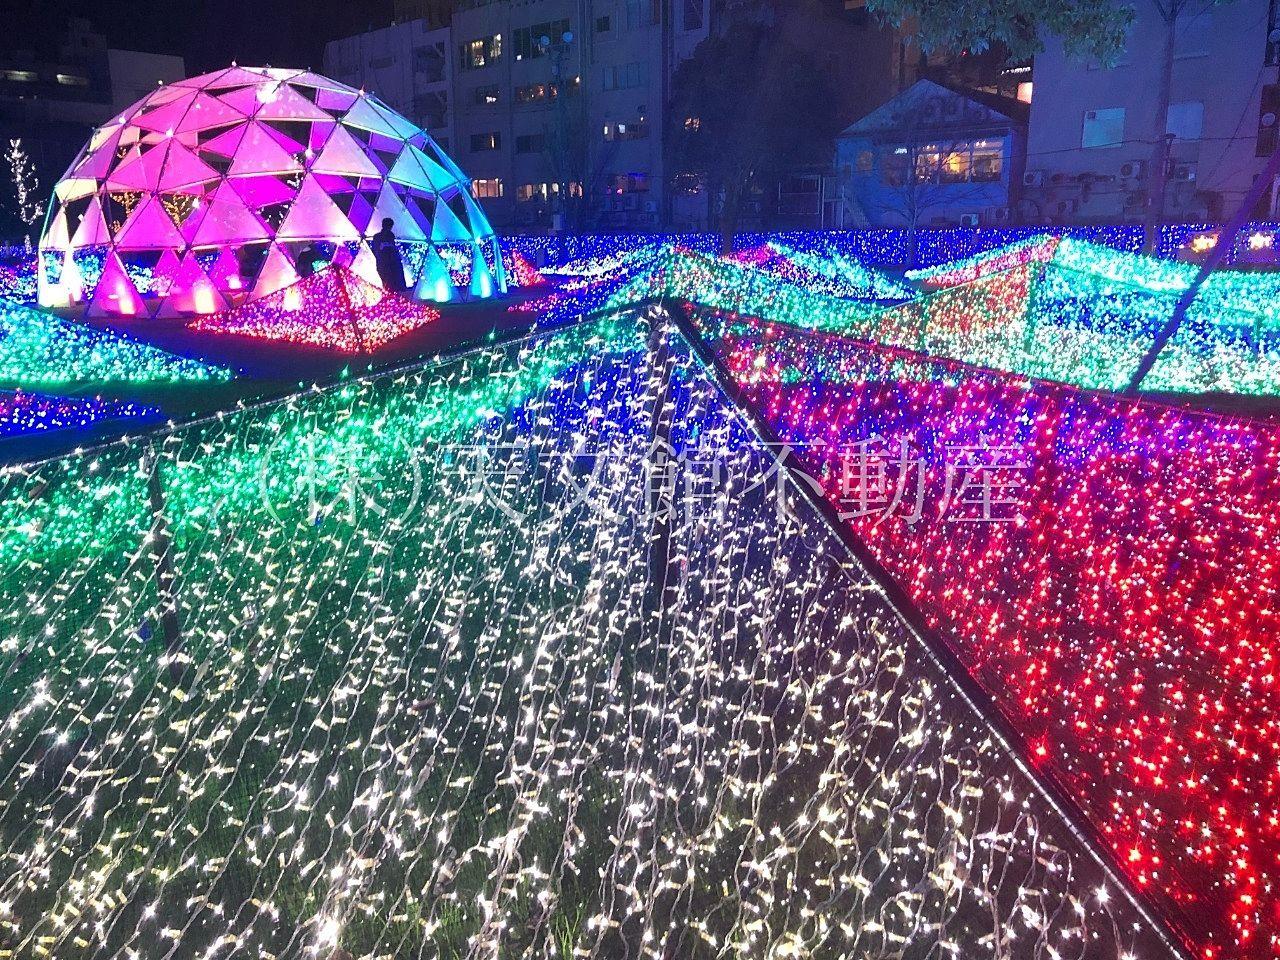 鹿児島市千日町の天文館公園でミリオネーションがありました。